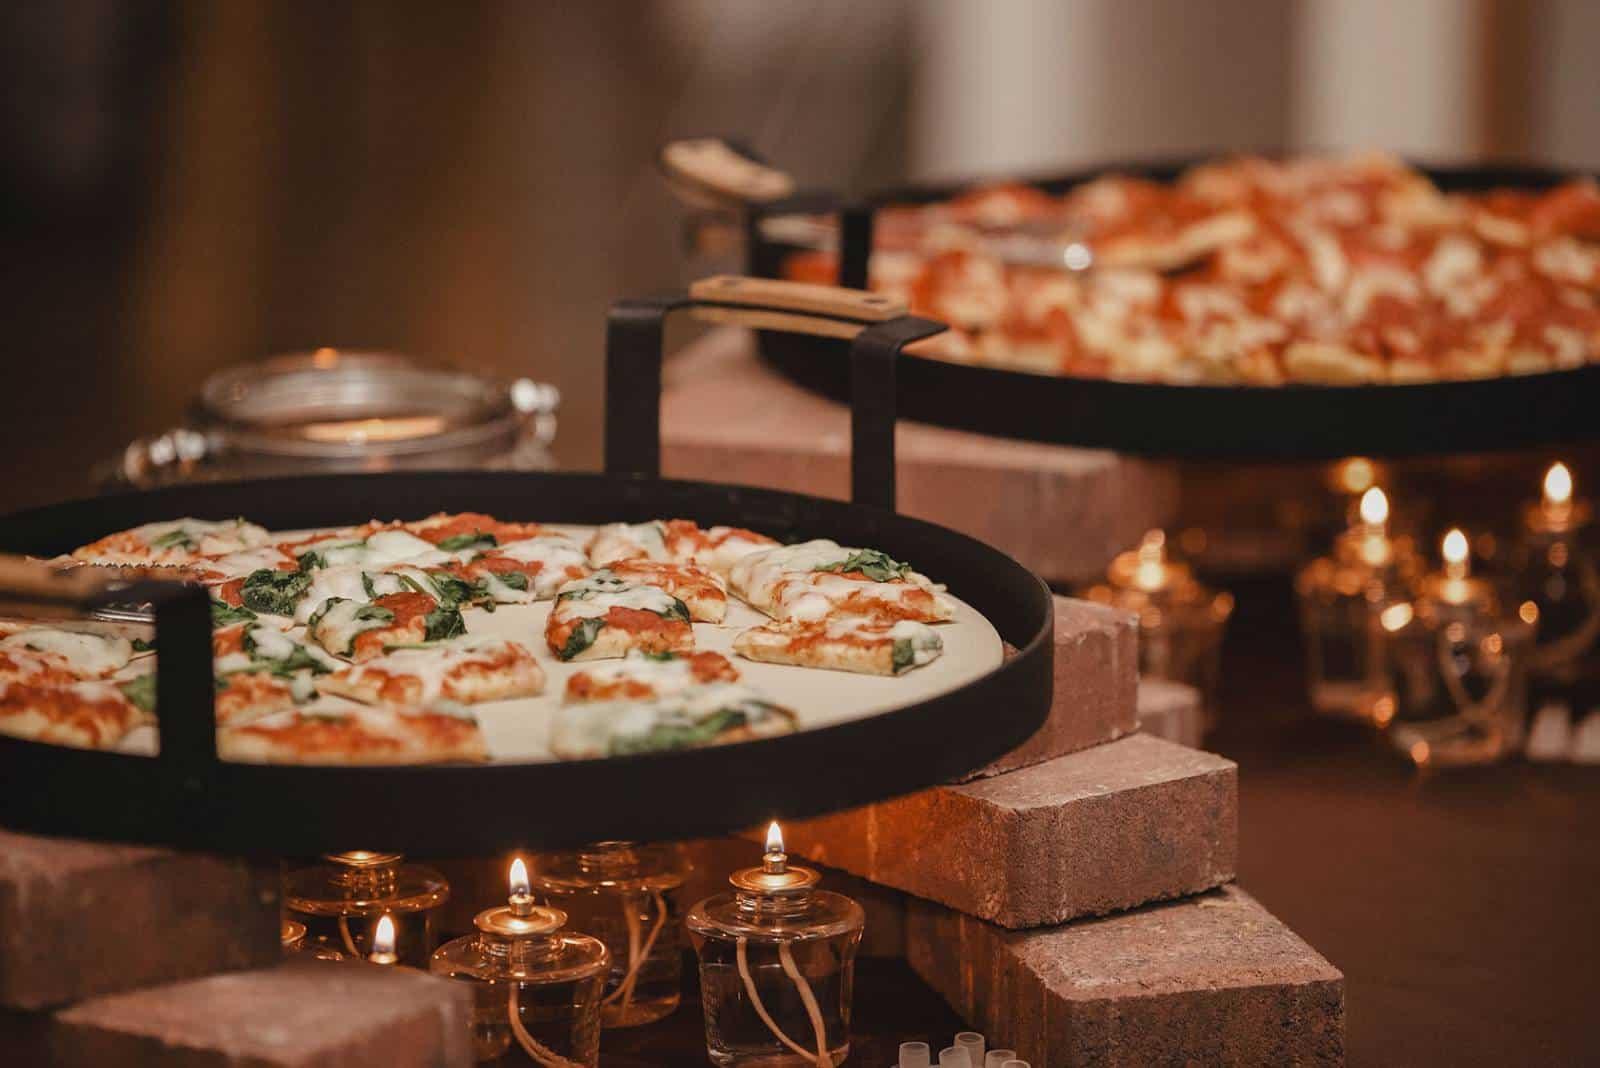 Hochzeitspizza und Kerzen auf dem Tisch